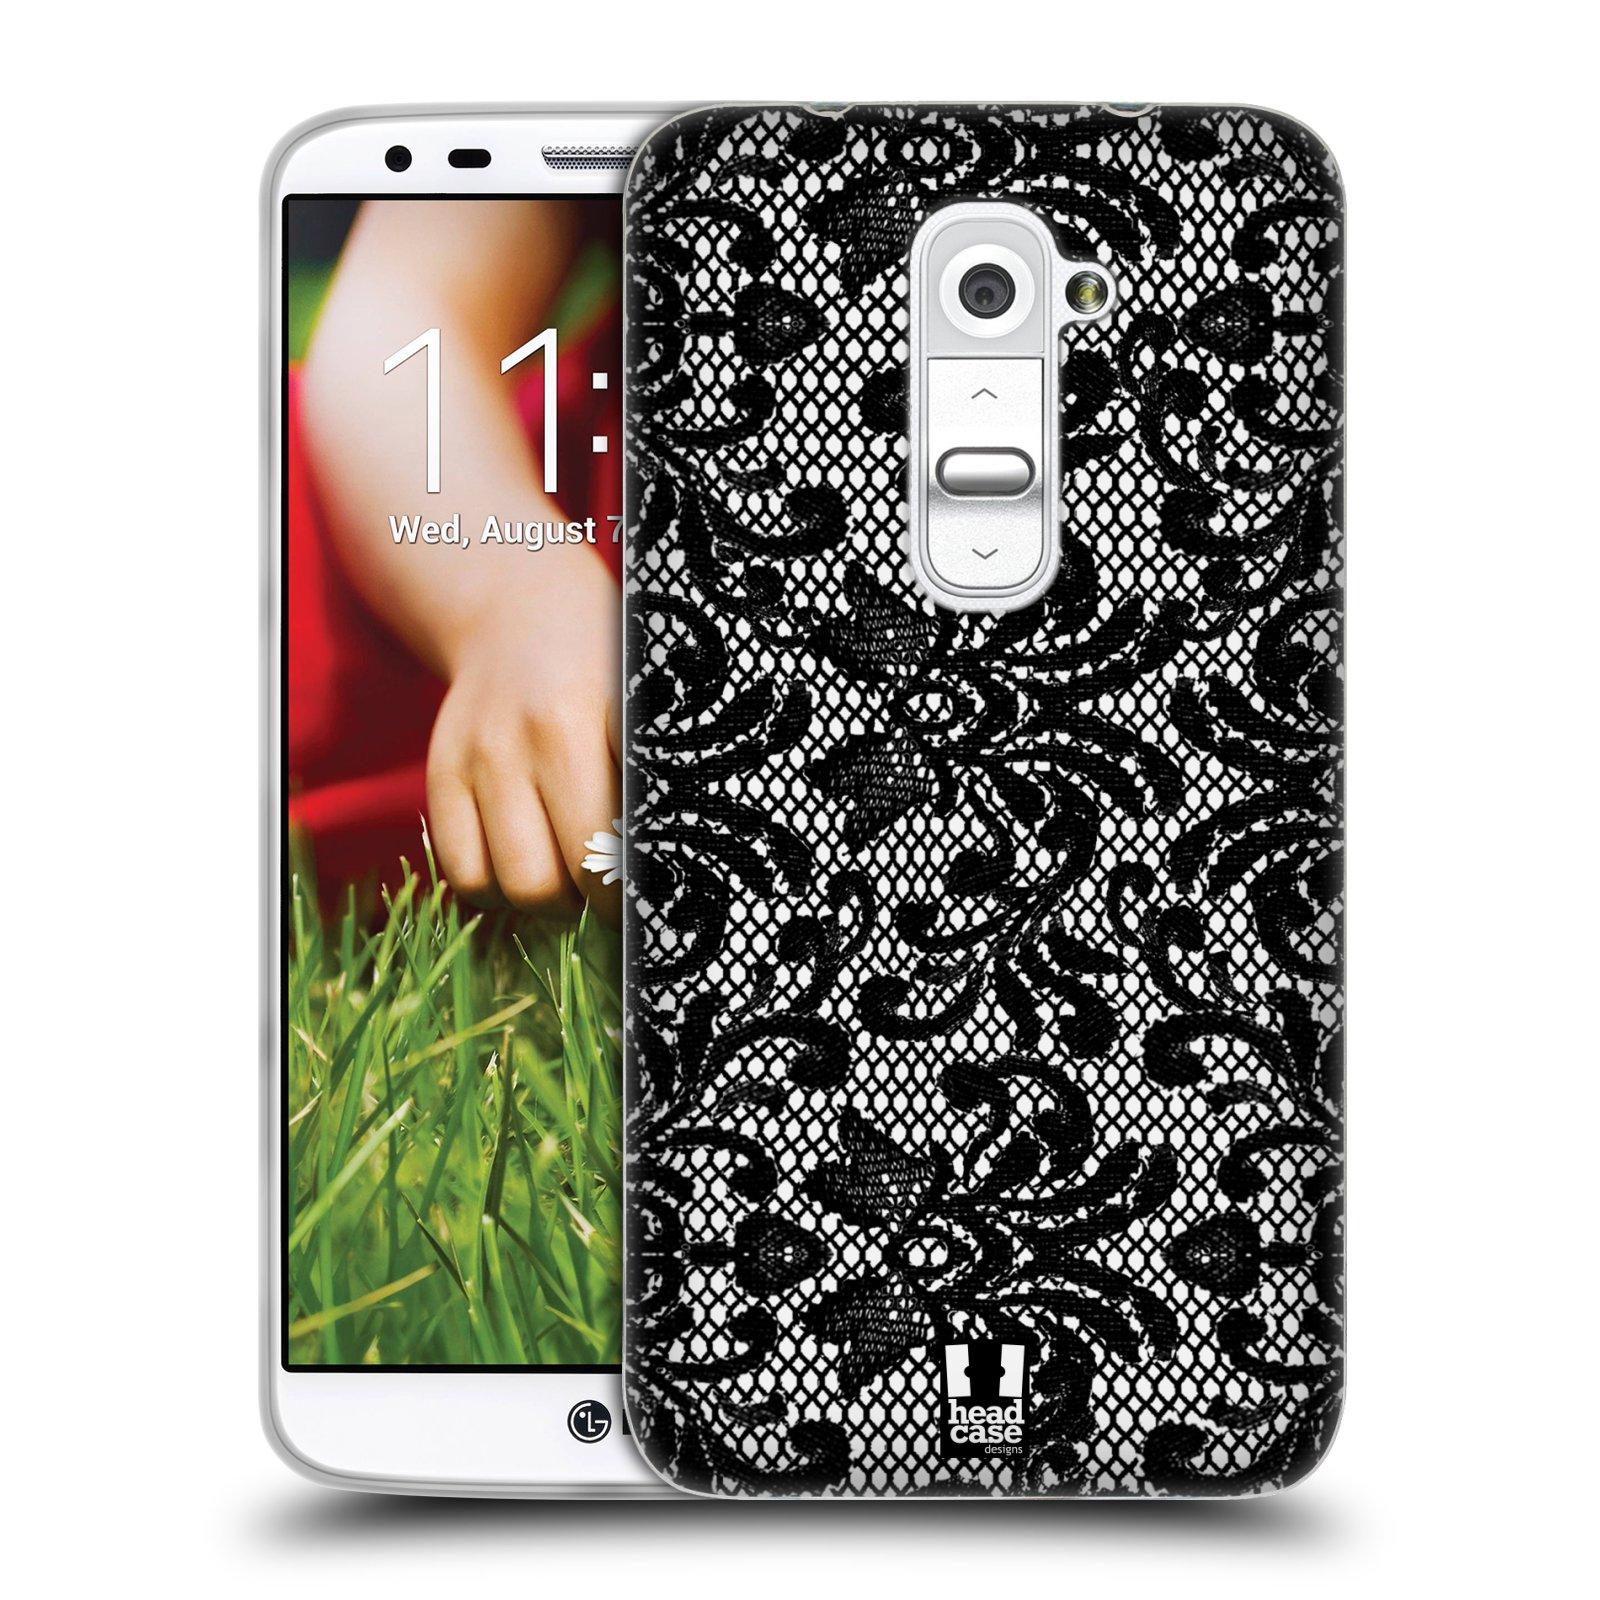 Silikonové pouzdro na mobil LG G2 HEAD CASE KRAJKA (Silikonový kryt či obal na mobilní telefon LG G2 D802)